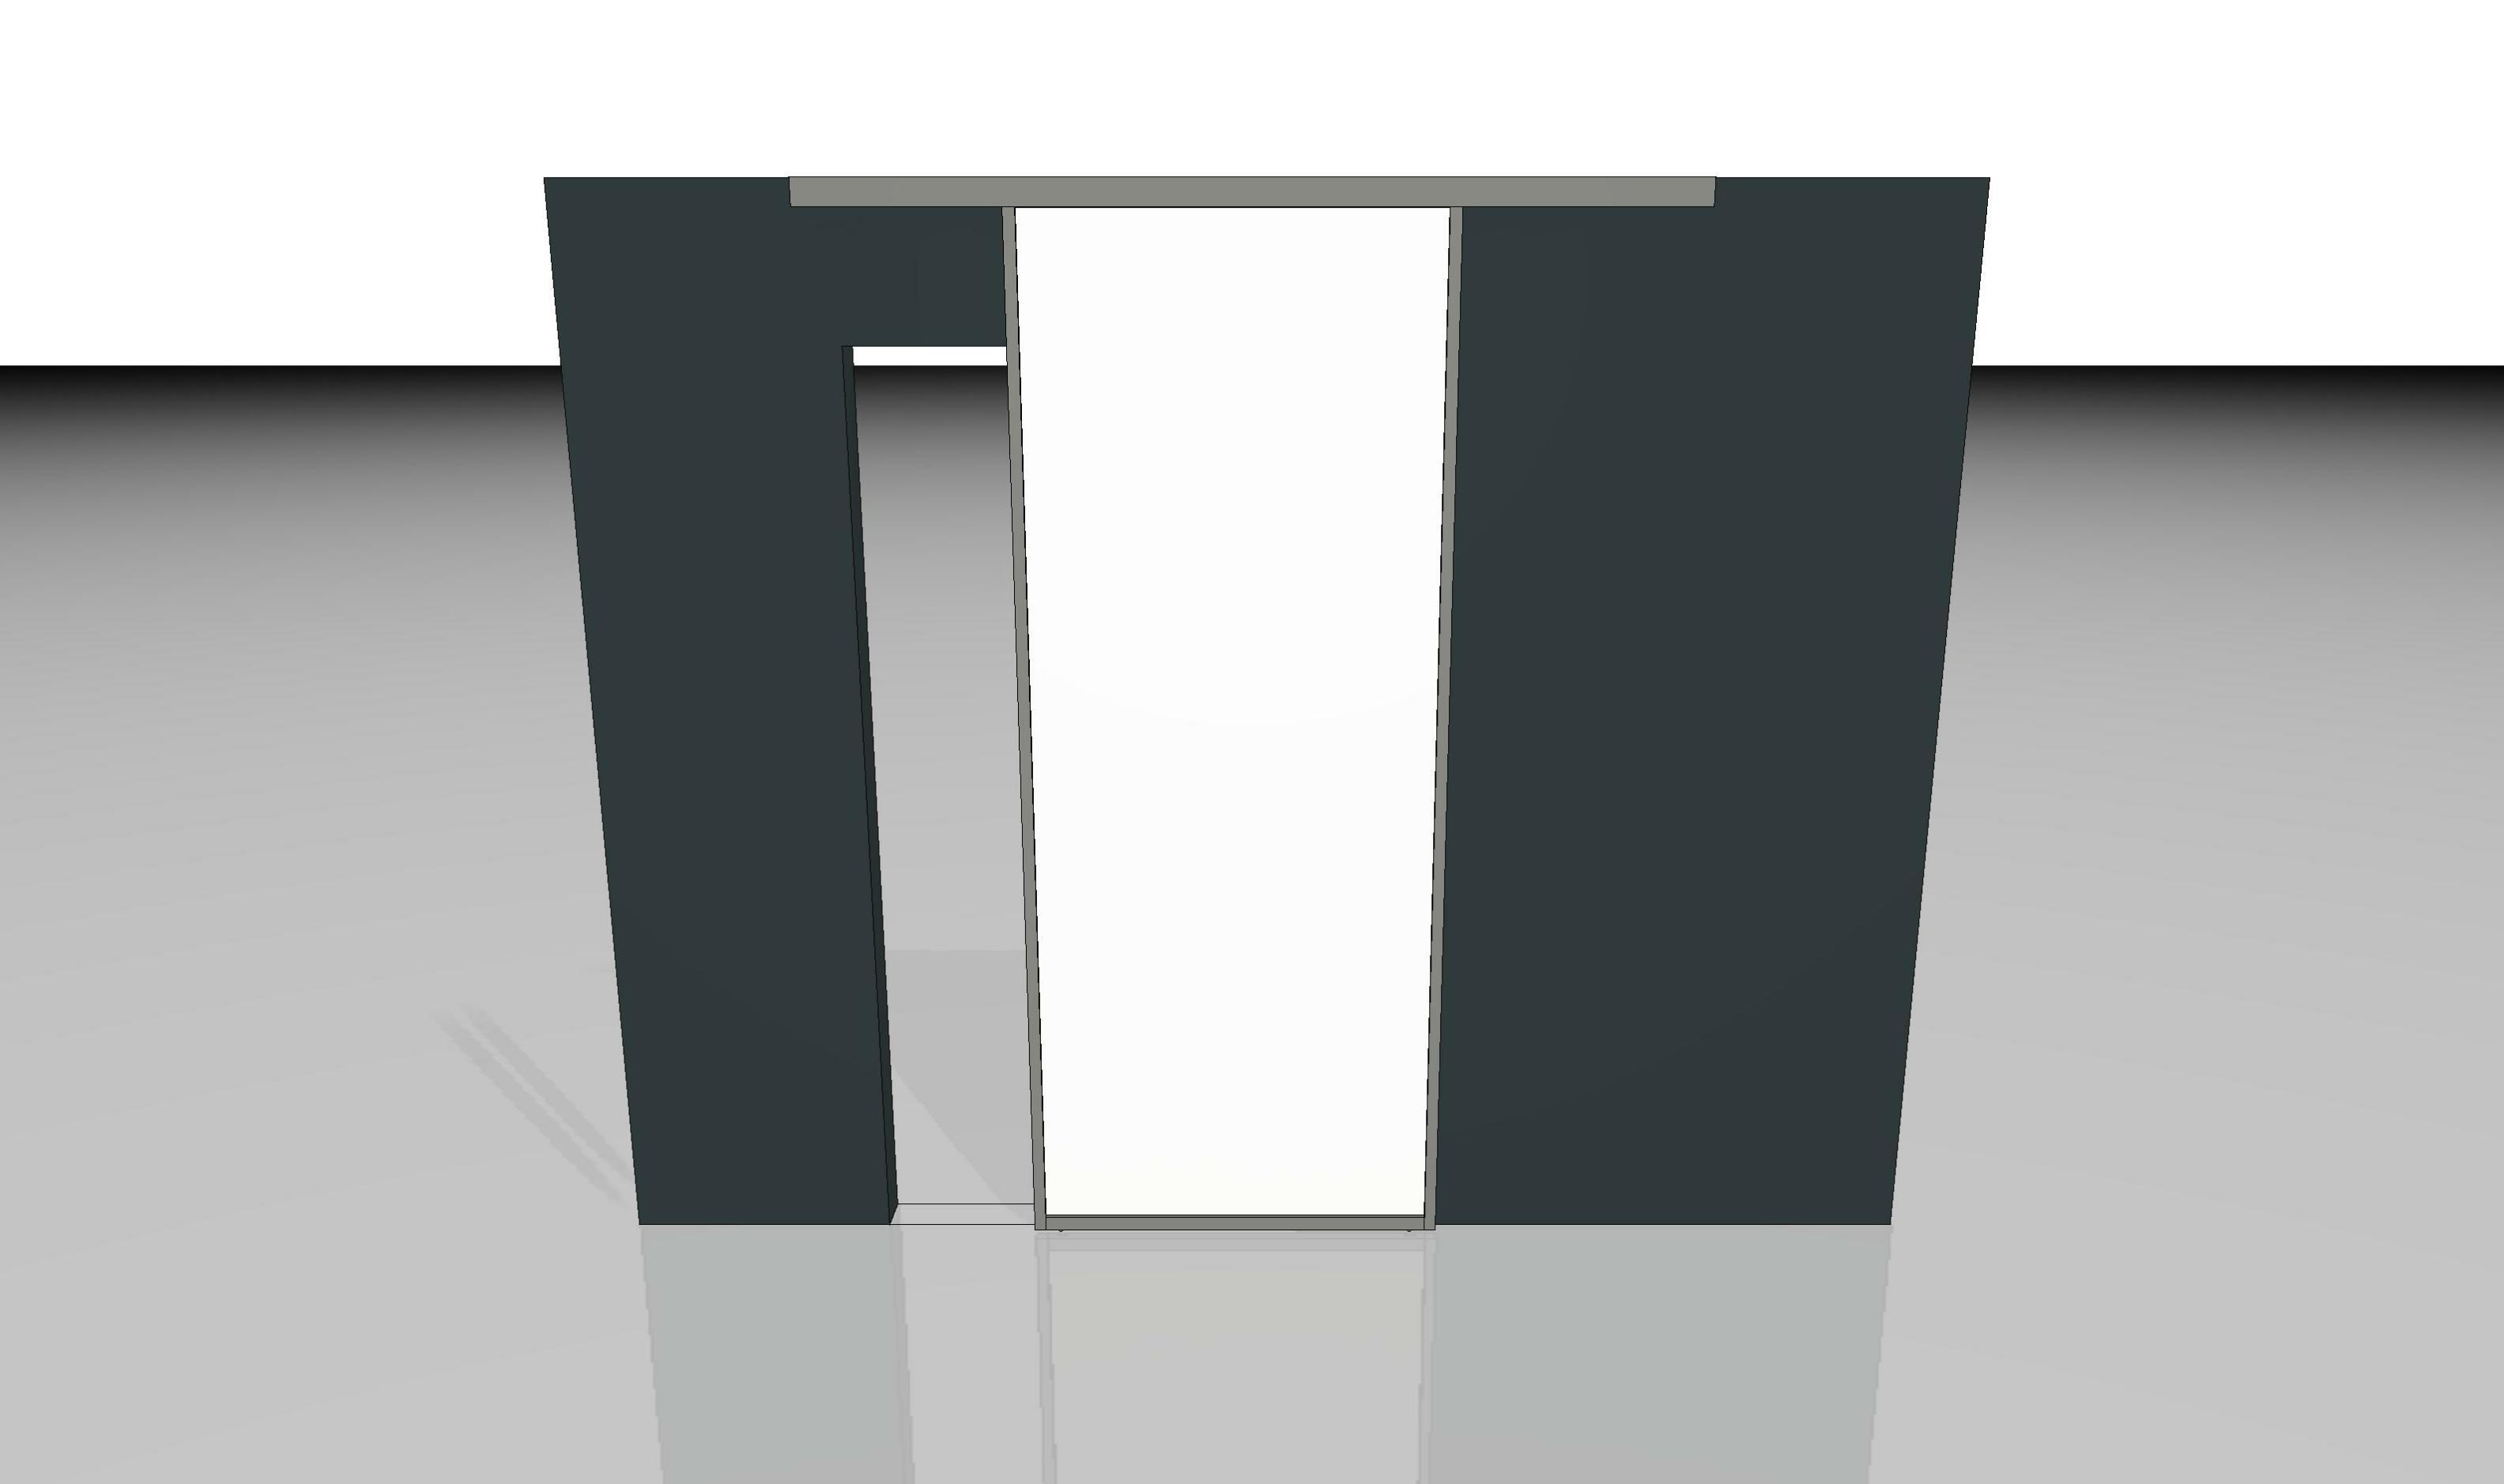 schiebetuer vor der wand laufend inova schiebet ren und. Black Bedroom Furniture Sets. Home Design Ideas